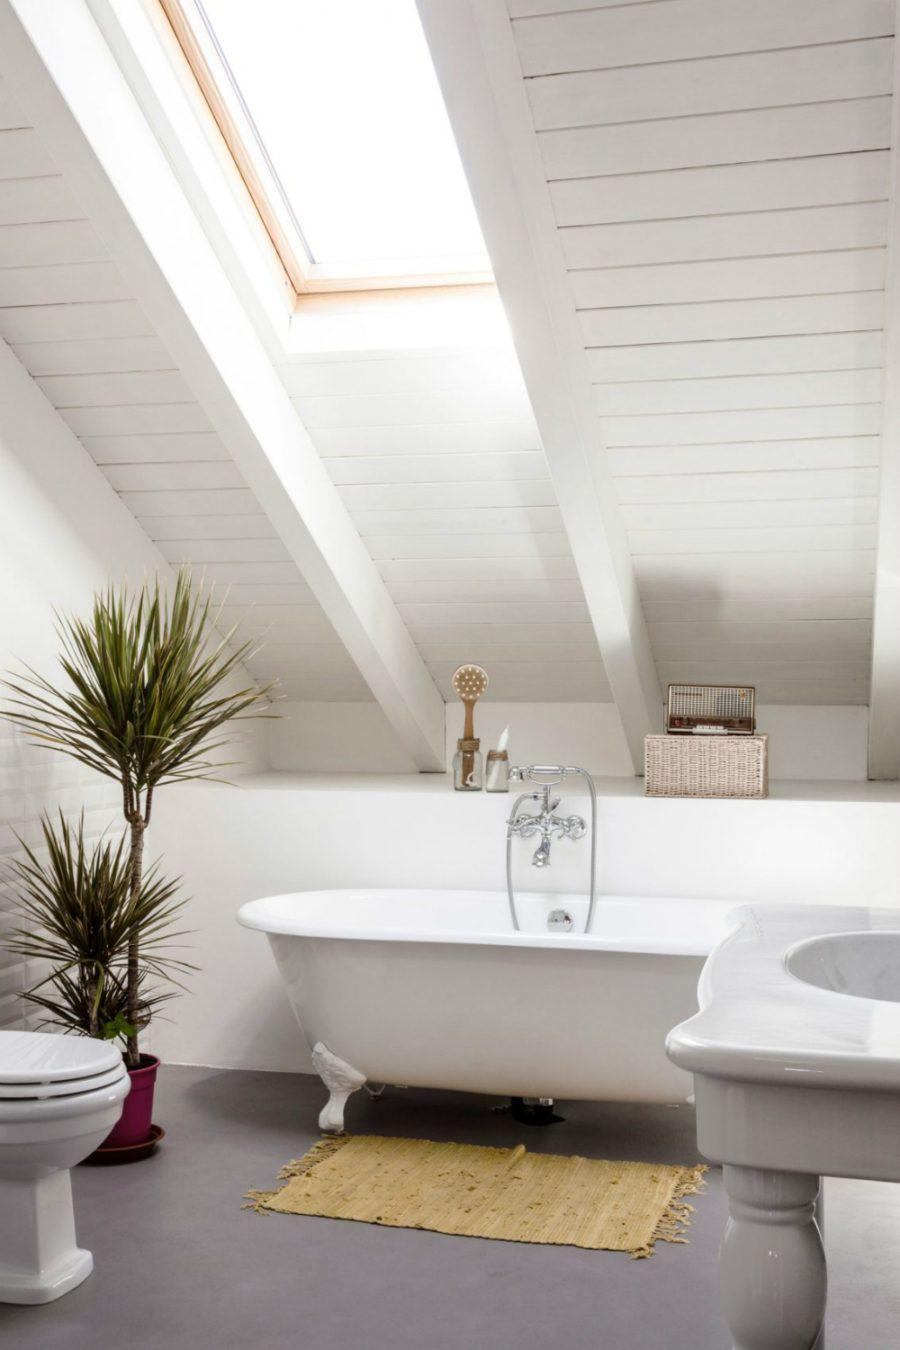 Dieses Moderne Italienische Apartment Ist In Holz Gestaltet Dachwohnung Badezimmer Dachgeschoss Dachboden Renovierung